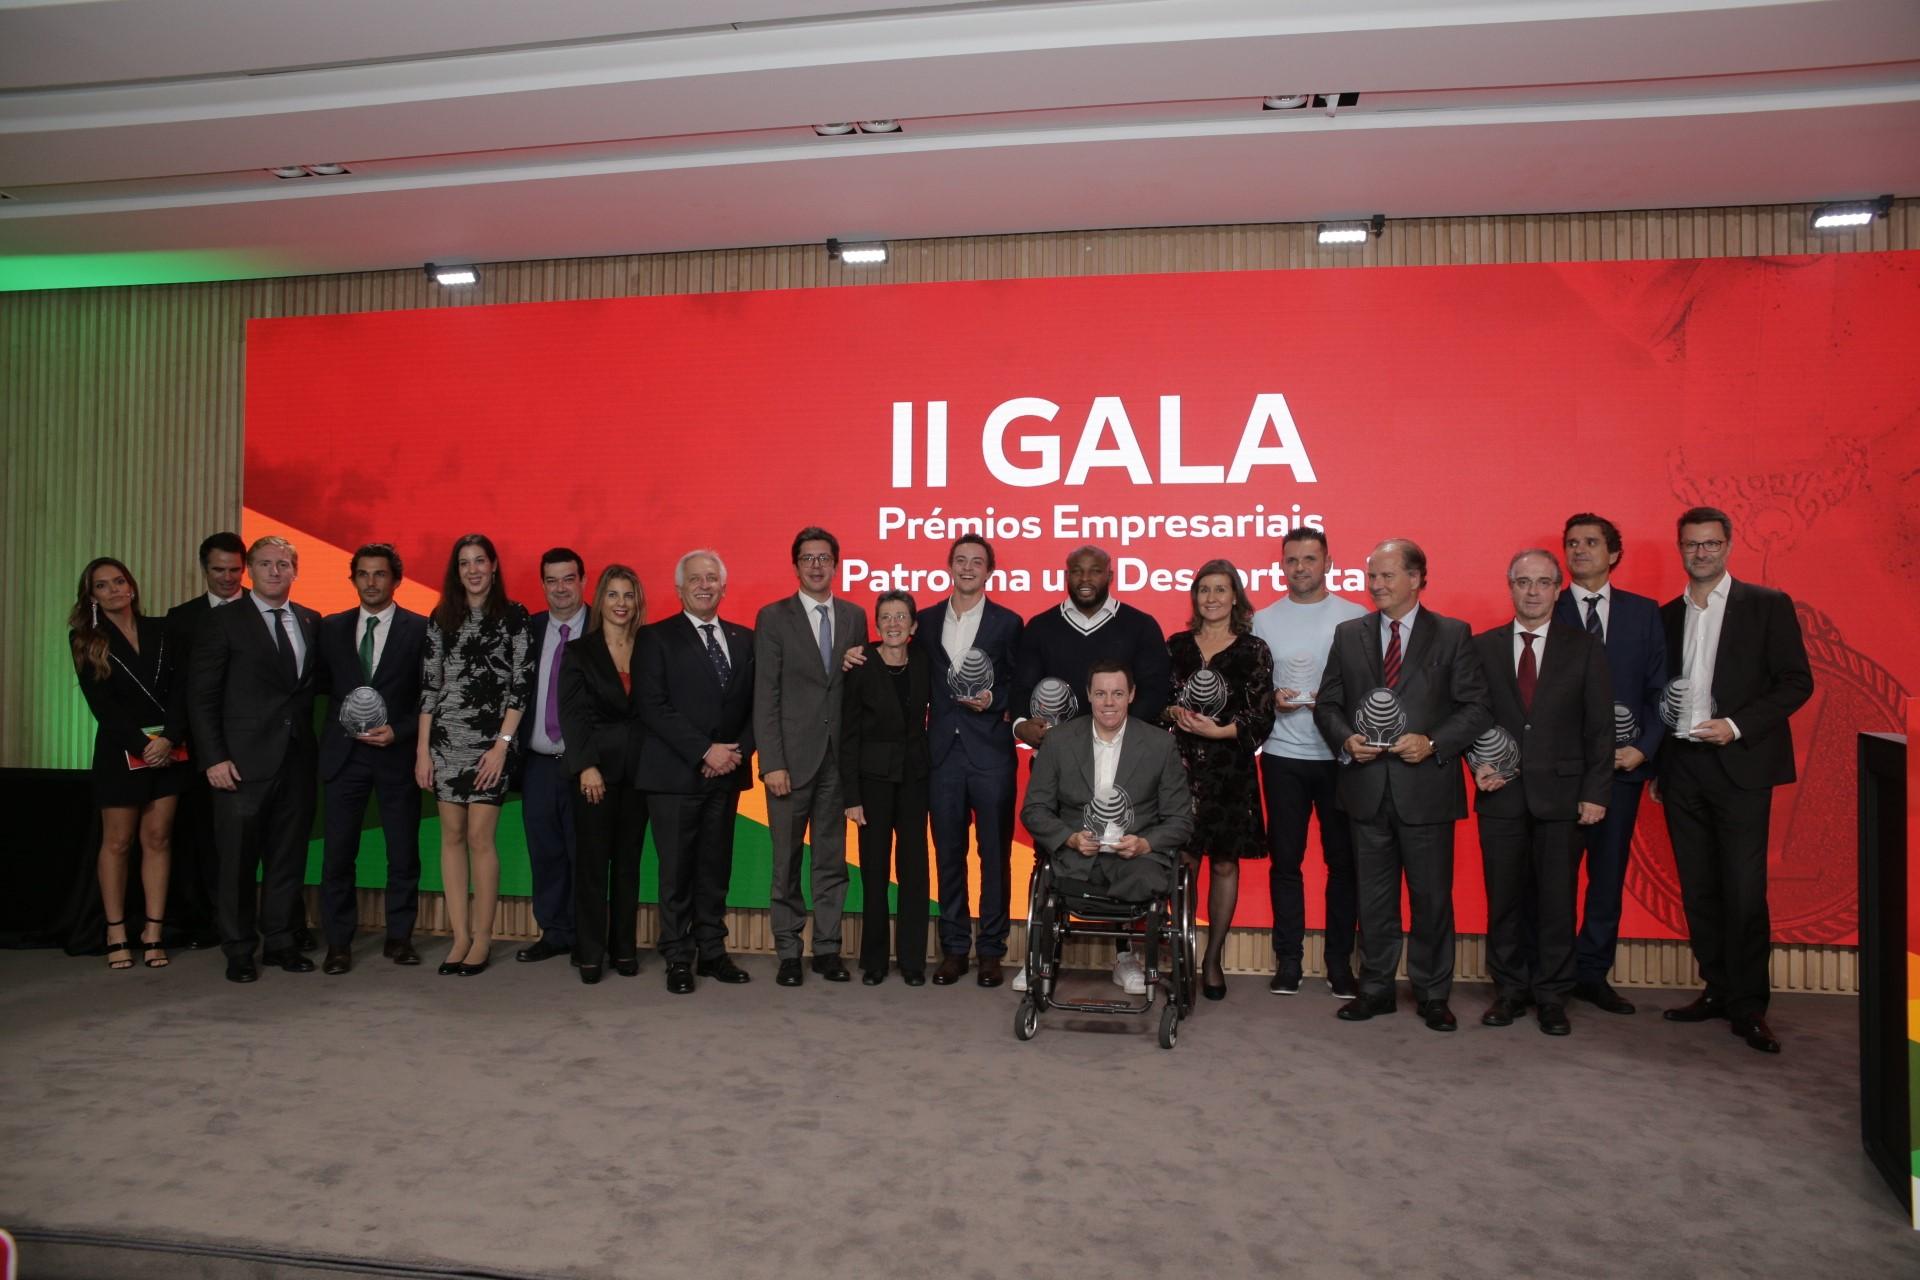 II Gala de Prémios Empresariais da Fundação do Desporto